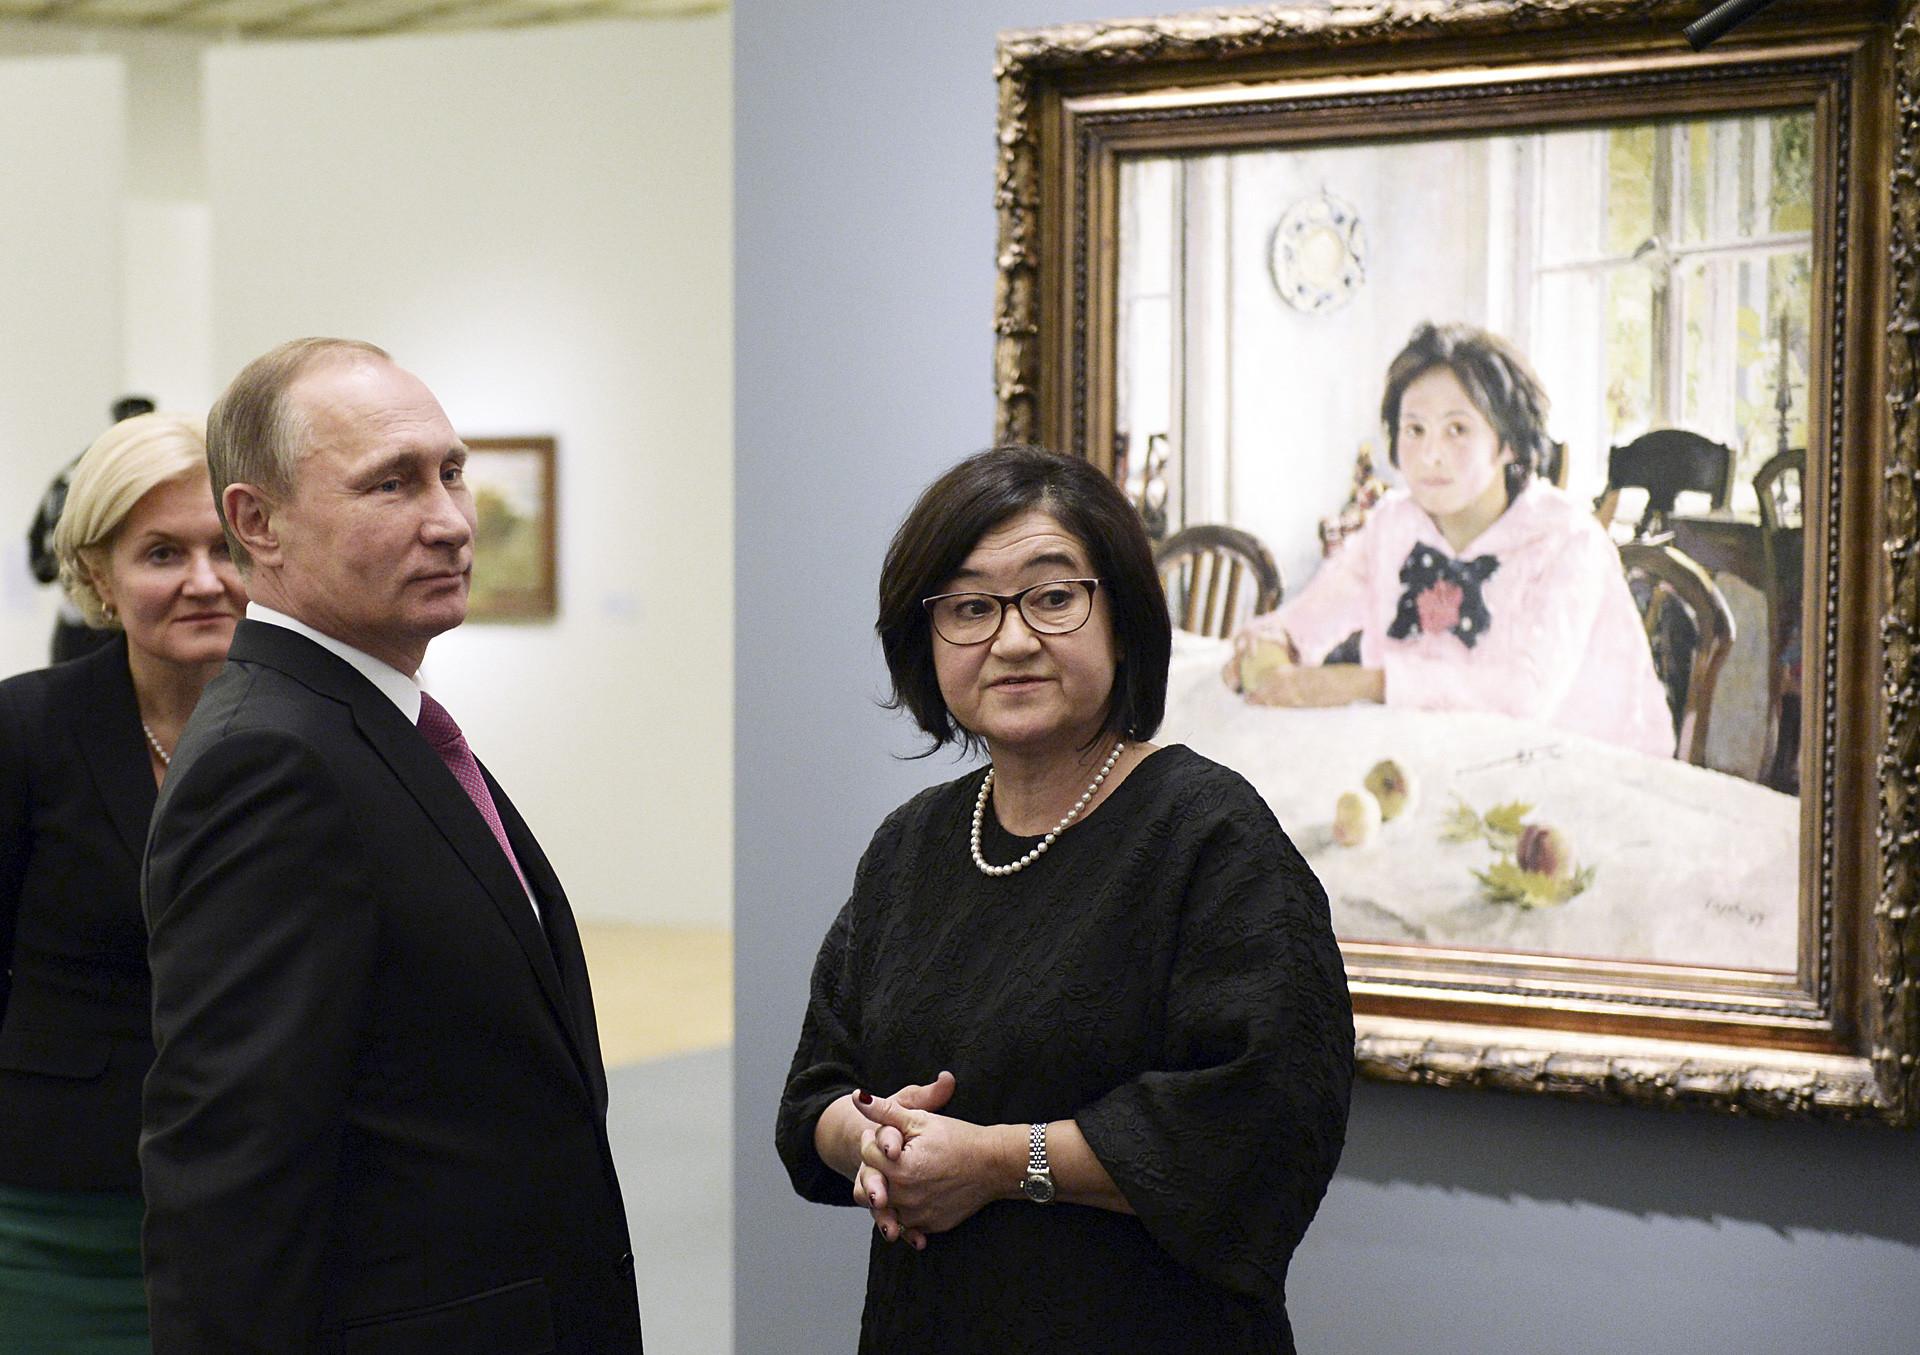 プーチン大統領が「ワレンチン・セローフ生誕150年展」を訪問している。